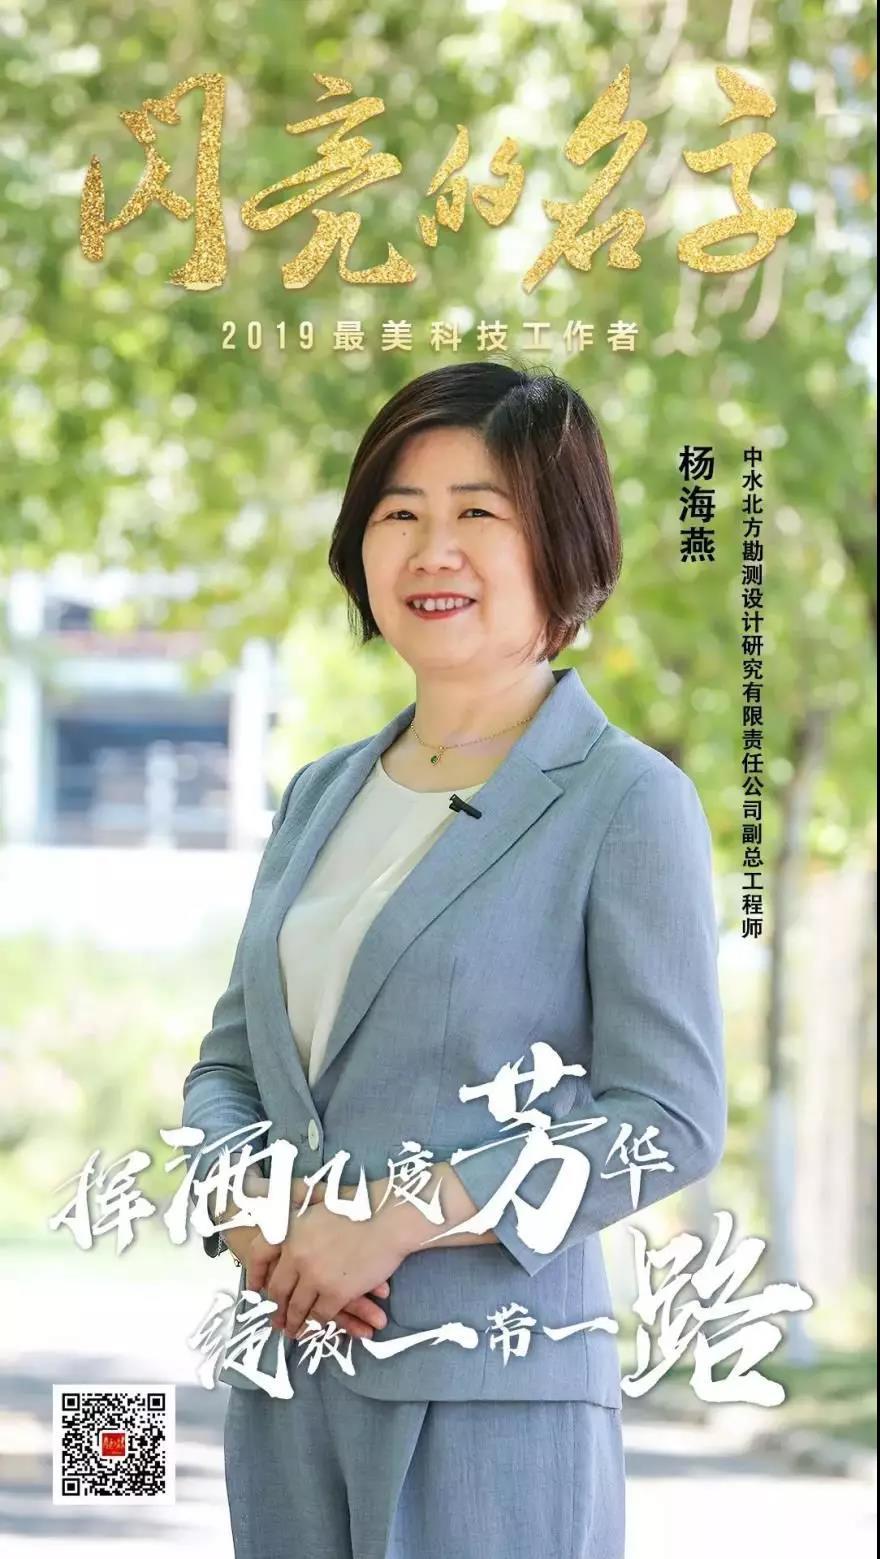 """火线精英好号 筑梦科技强国:致敬""""2019最美科技工作者""""!"""